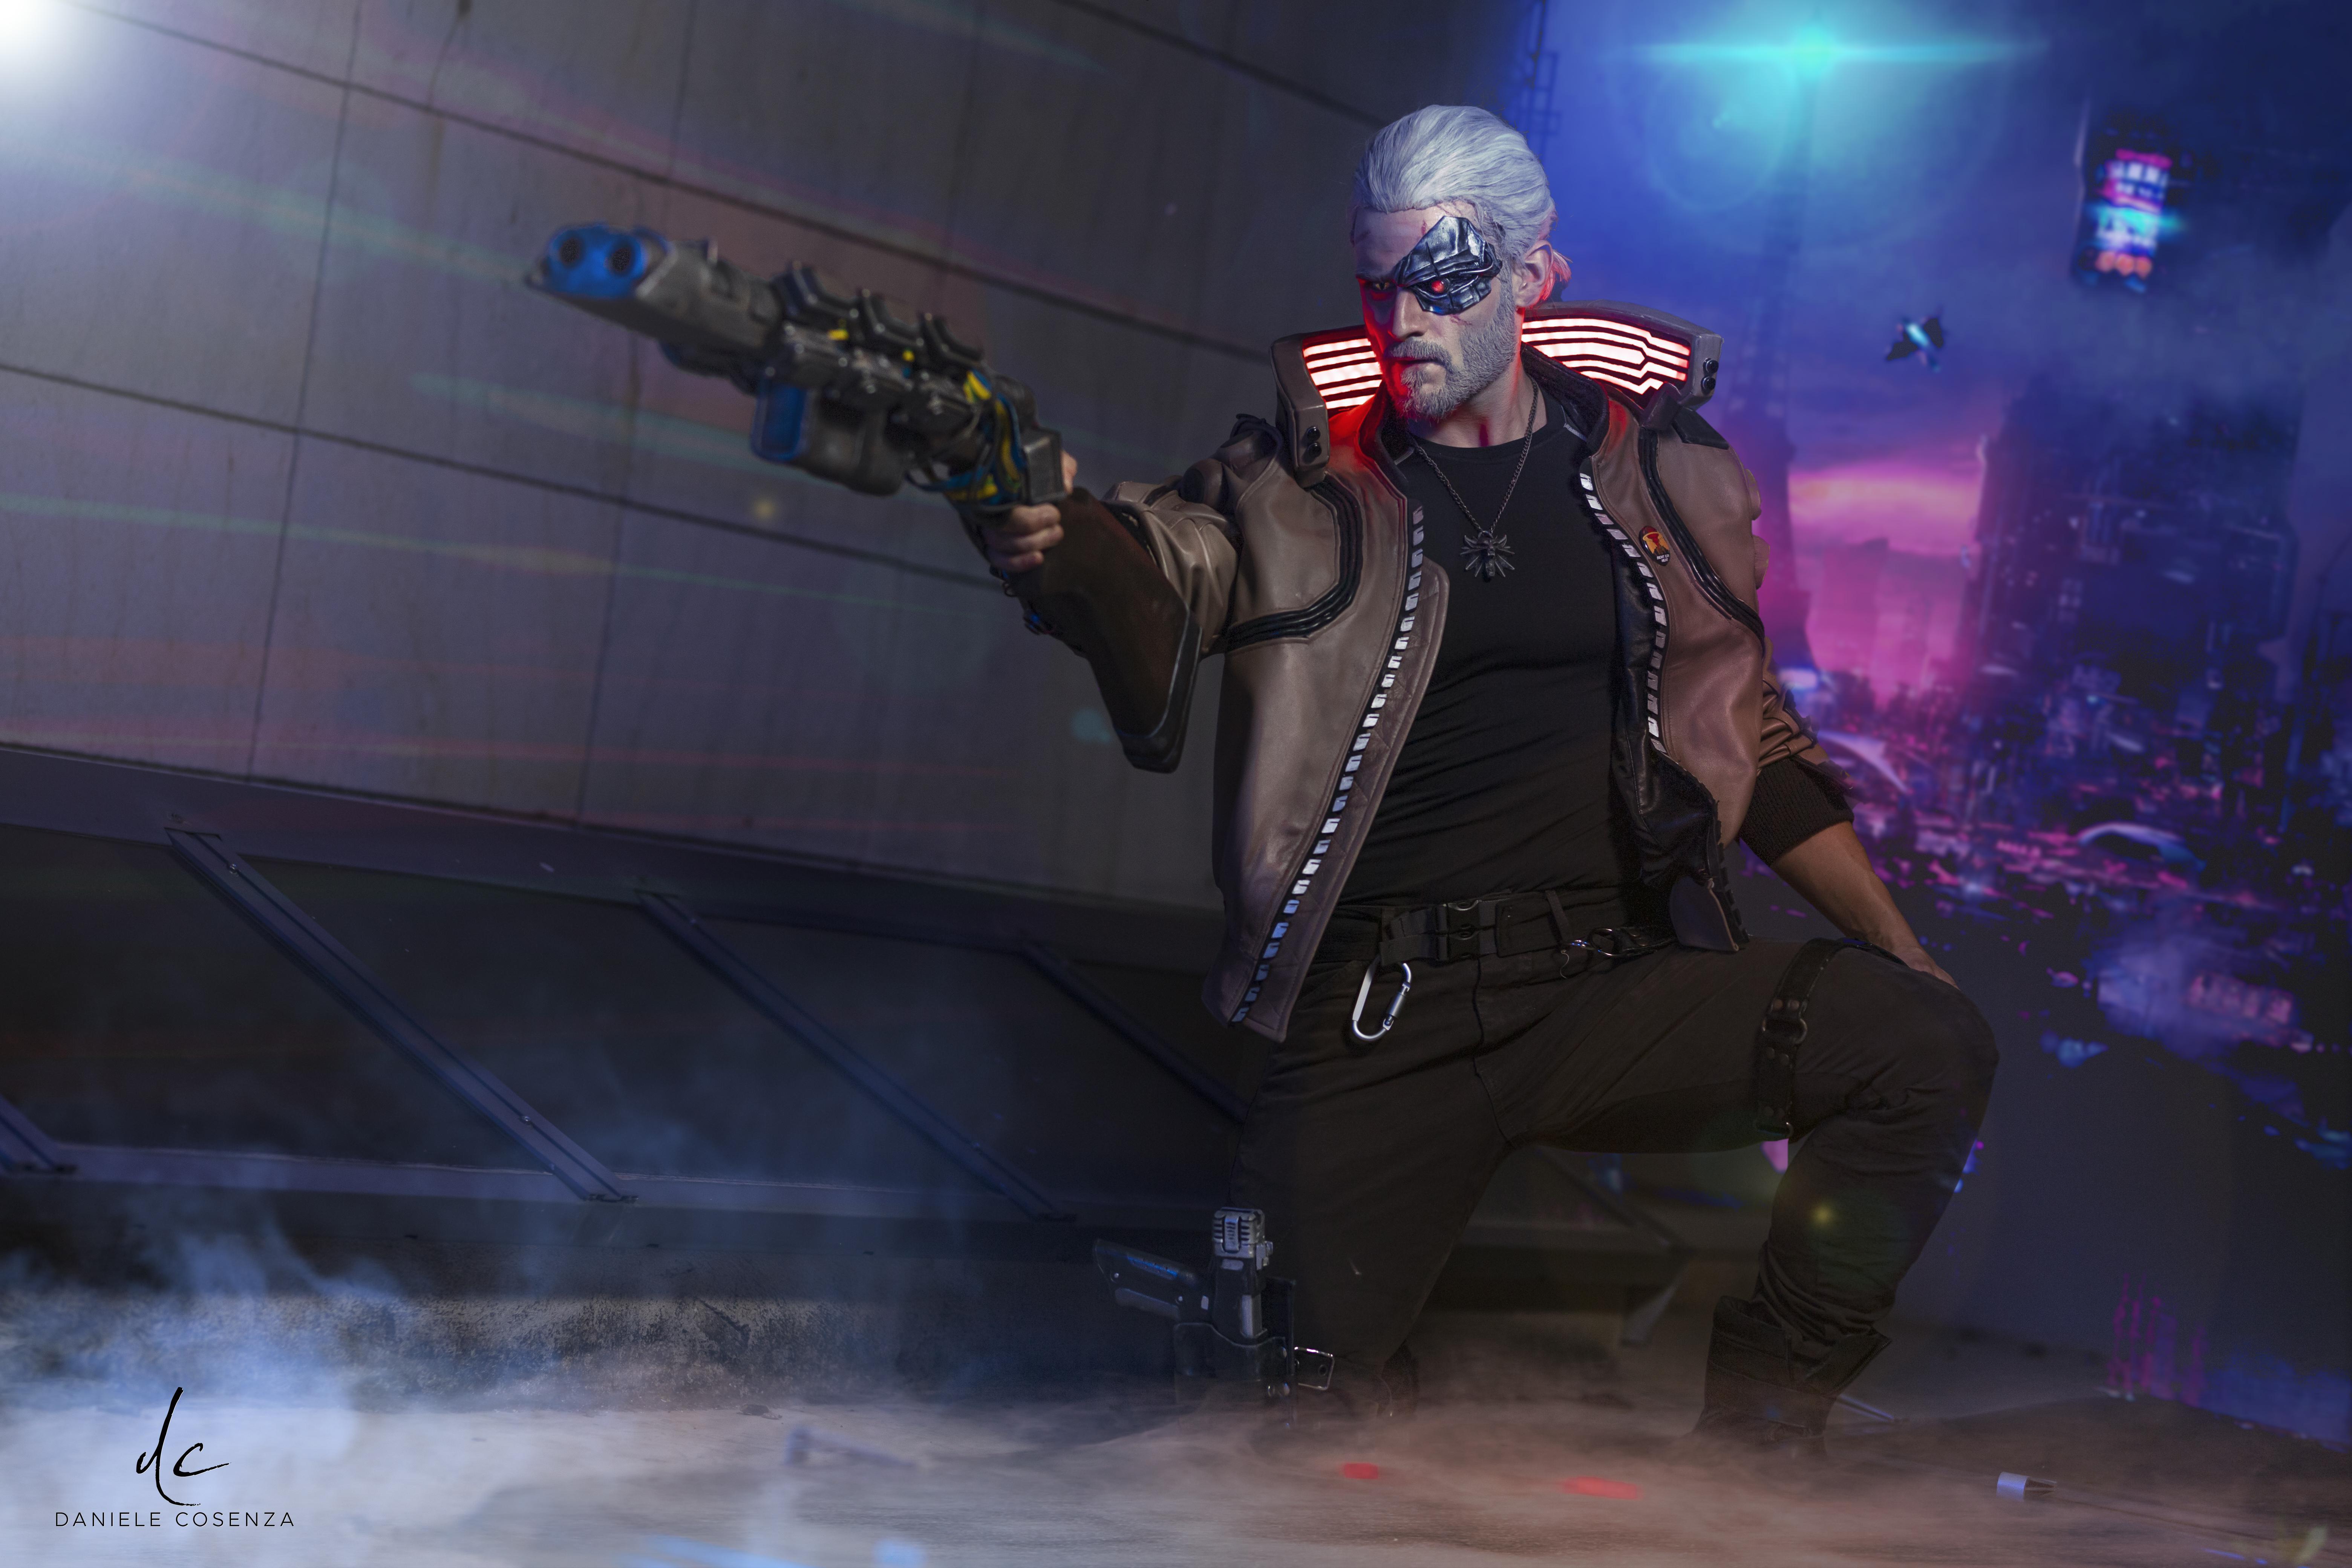 Fondos de pantalla Witcher de Cyberpunk 2077